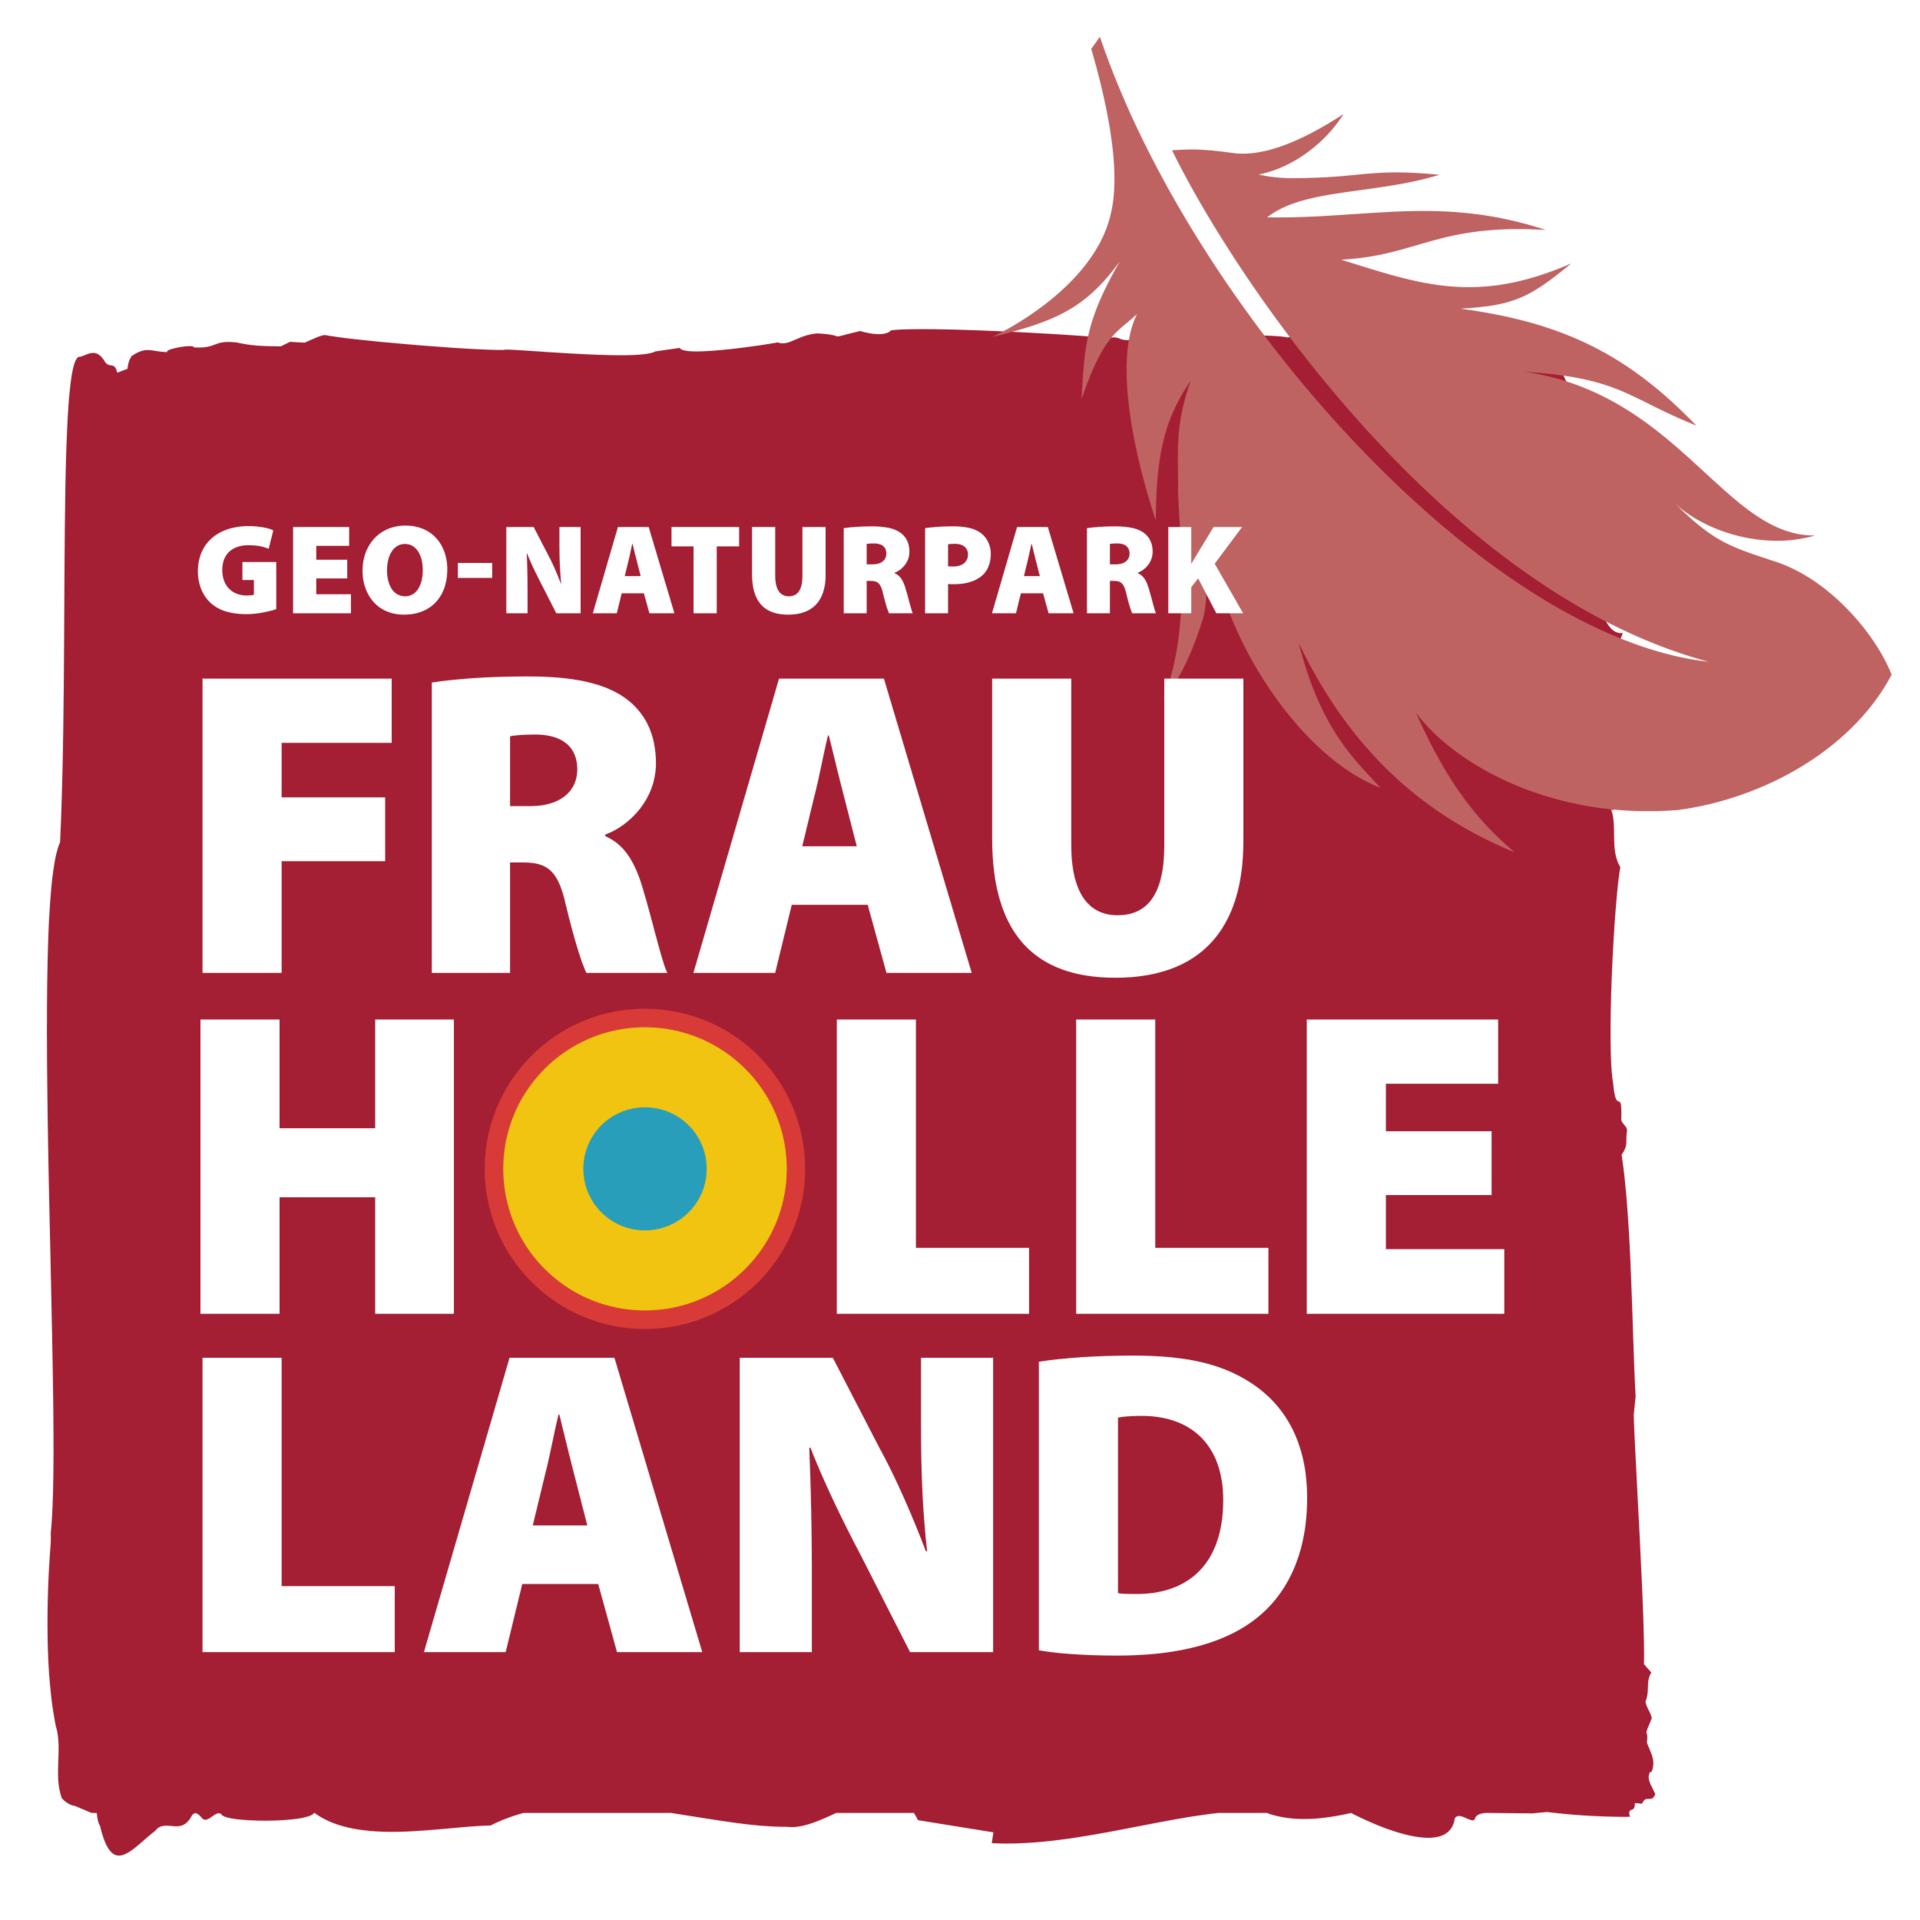 Logo_Geo-Naturpark_Frau-Holle-Land_2019.jpg